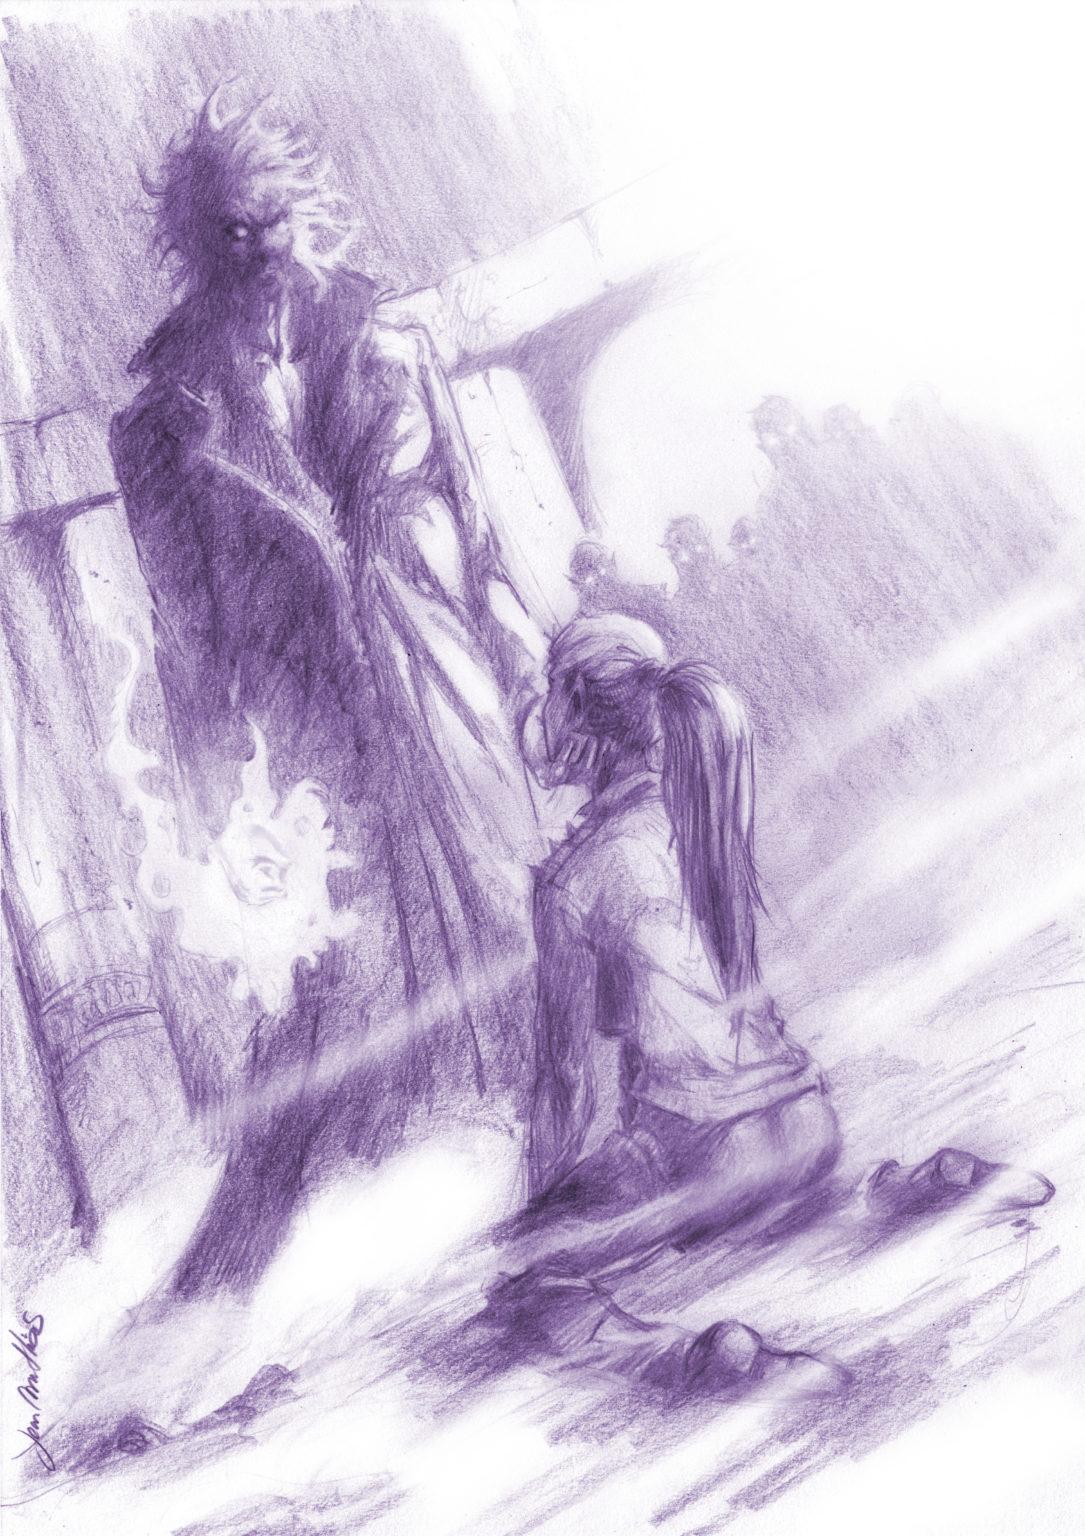 Une femmeest à genoux devant un homme